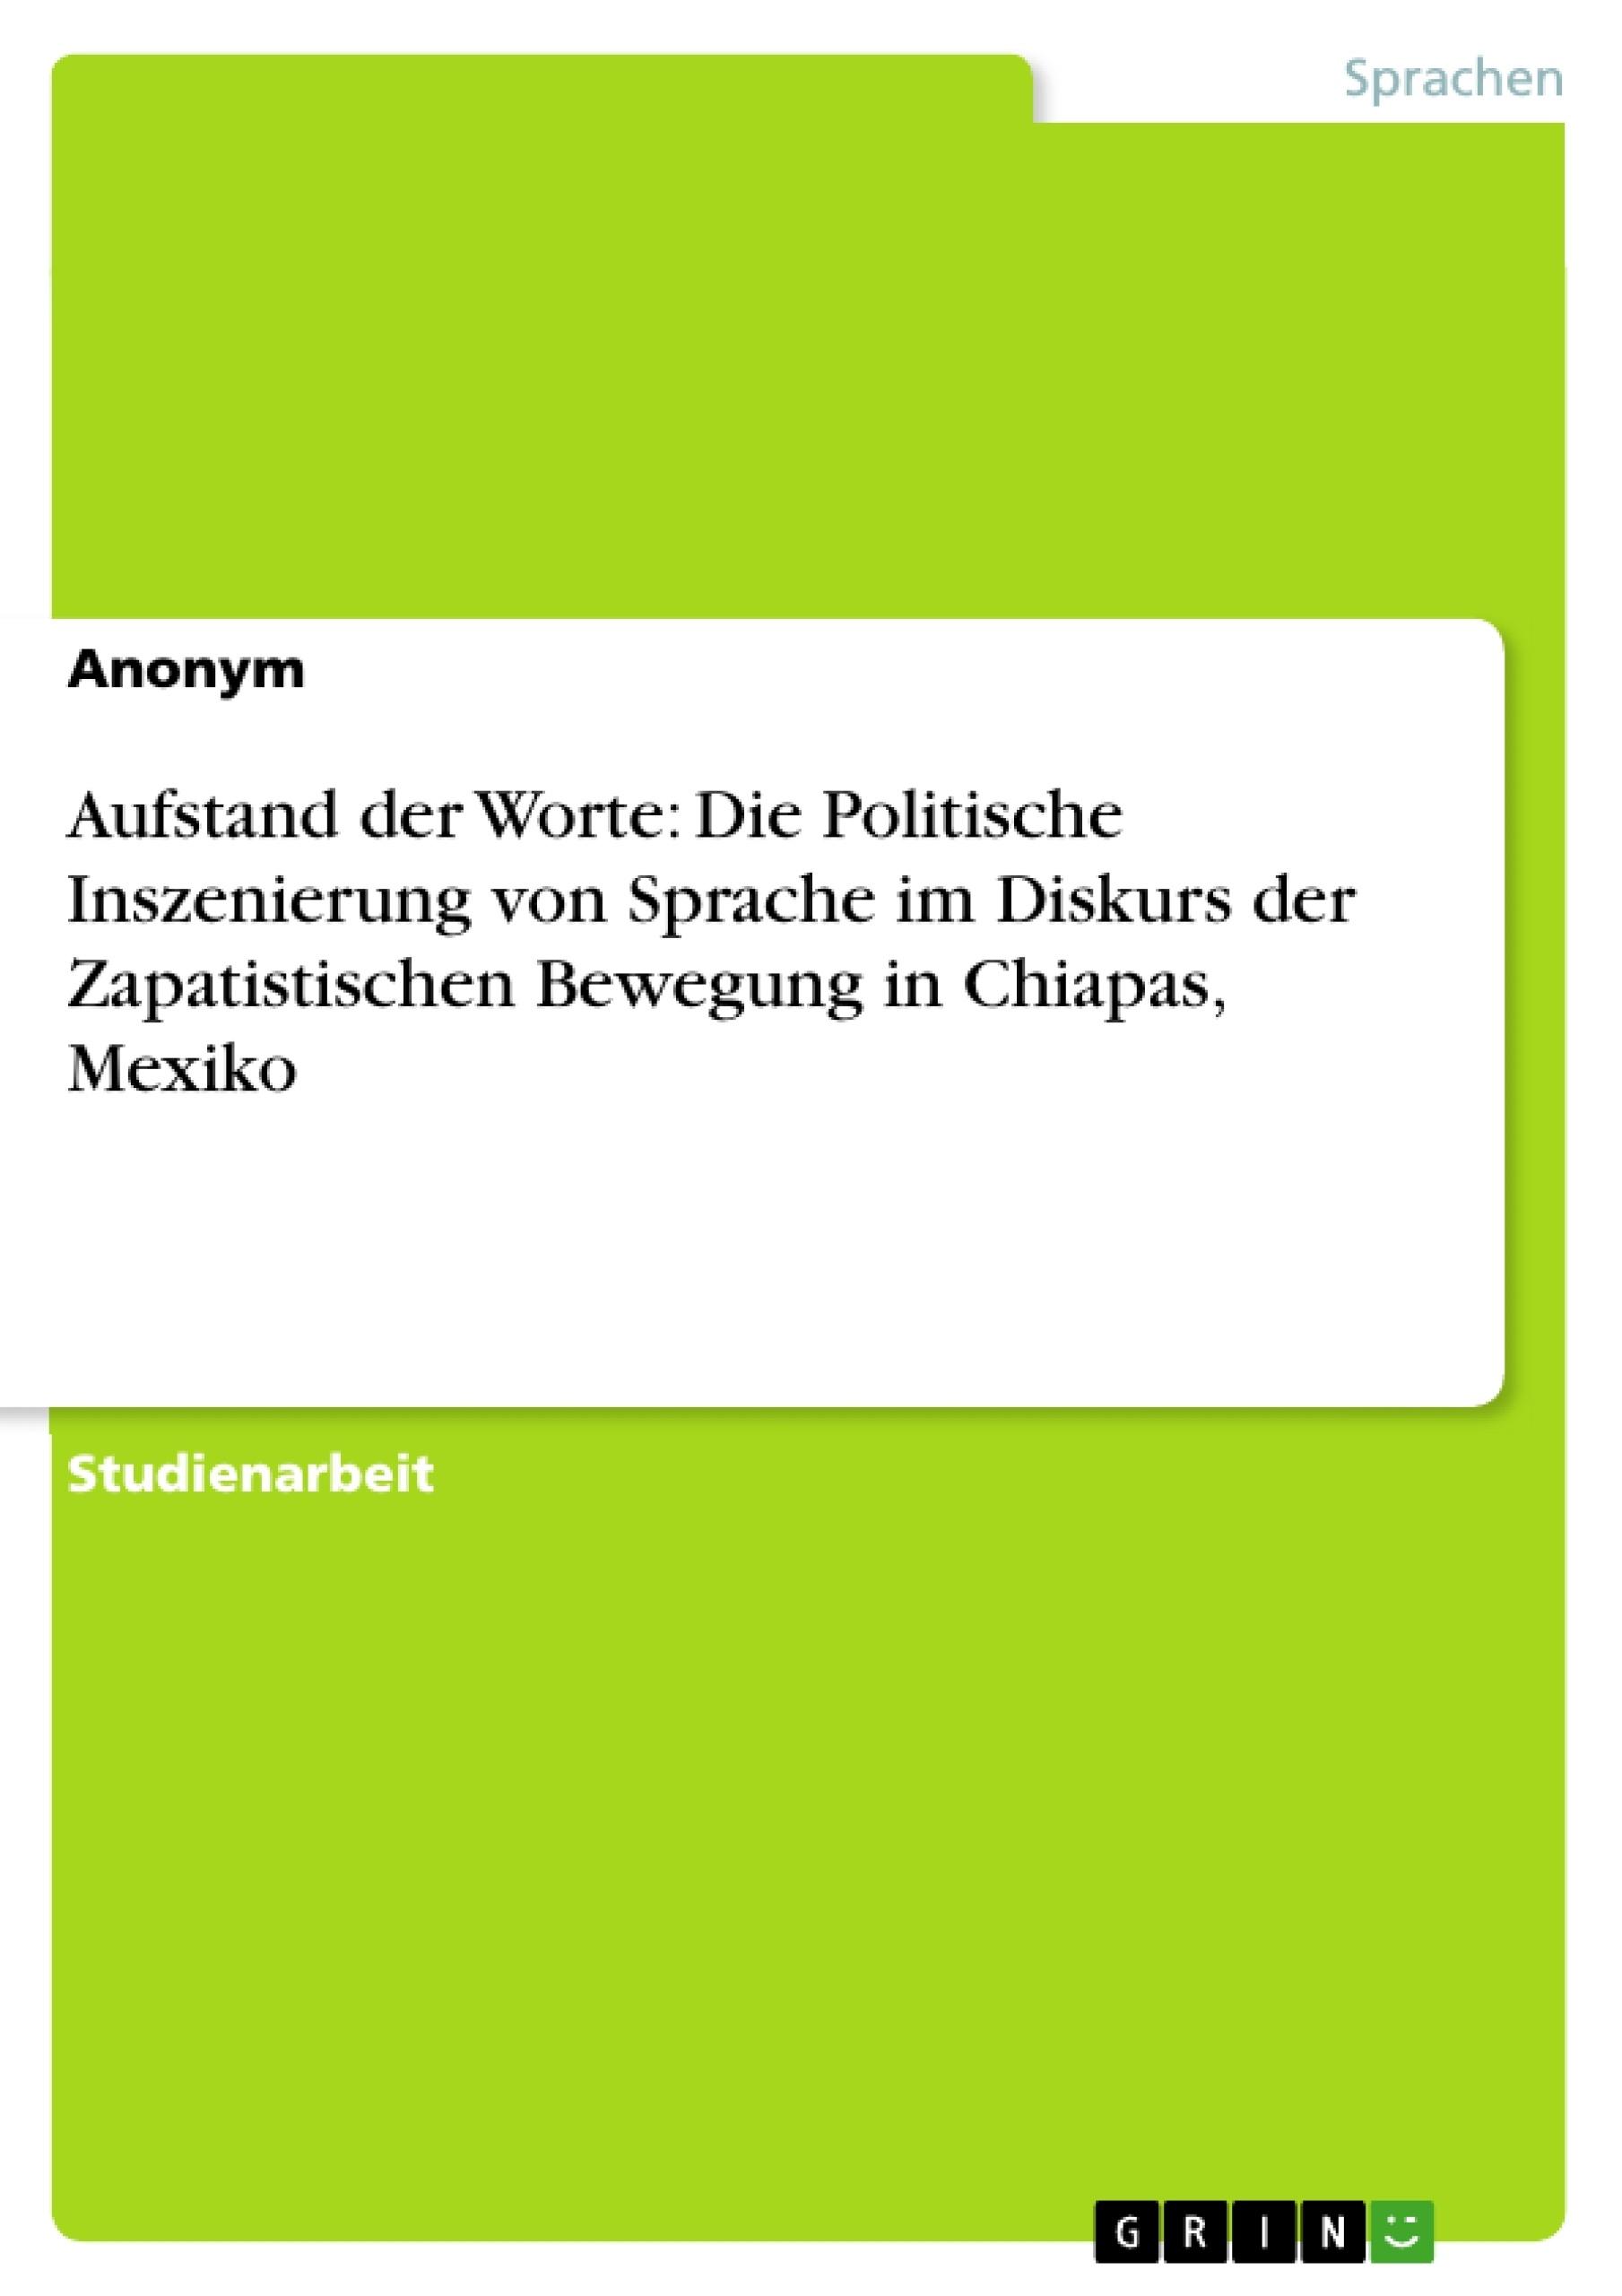 Titel: Aufstand der Worte: Die Politische Inszenierung von Sprache im Diskurs der Zapatistischen Bewegung in Chiapas, Mexiko